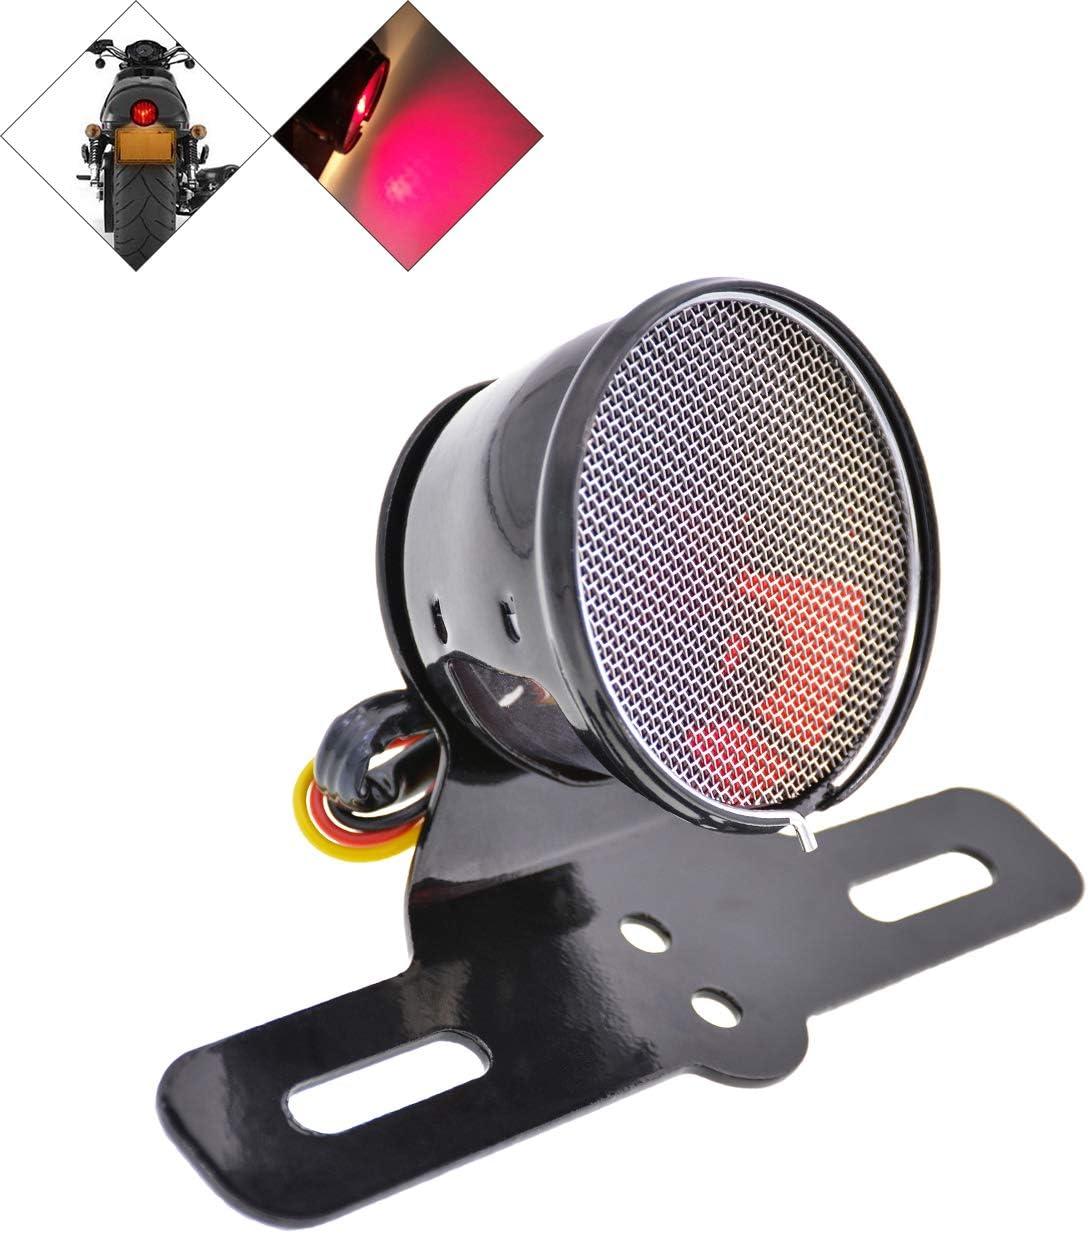 Natgic Universelles Motorrad Rücklicht Round 12v Motorrad Bremslicht Hinten Bremslicht Für Alle Arten Von Modifizierten Retro Motorrädern Und Fahrrädern Schwarze Schale Und Rotes Objektiv Auto